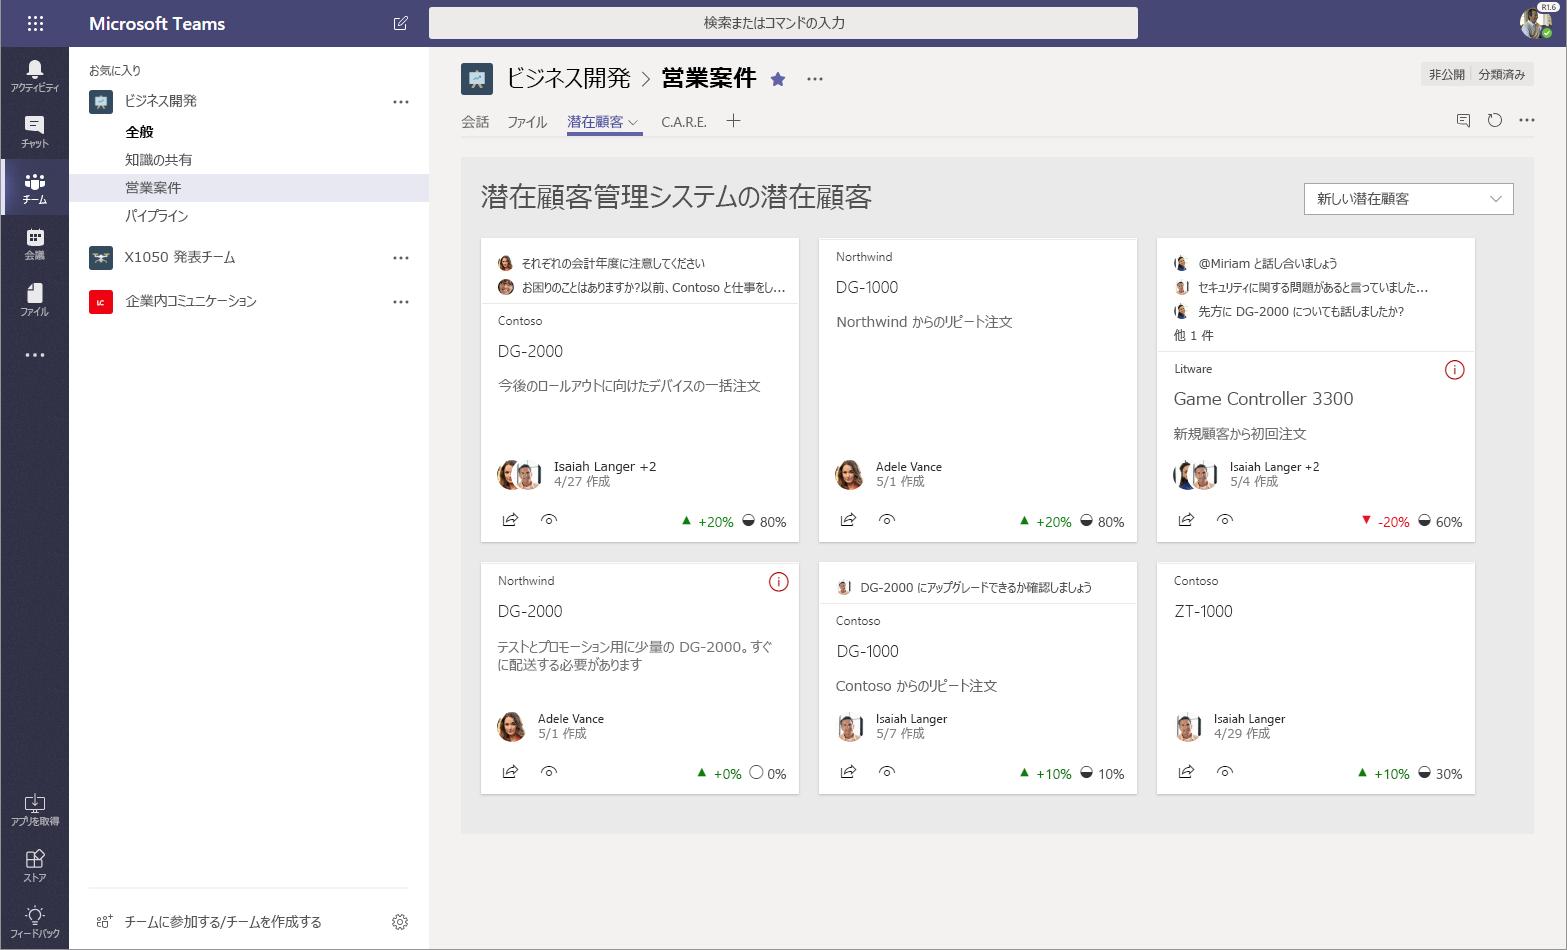 Microsoft Teams でホストされている、カスタム潜在顧客管理システムの SharePoint Framework Web パーツの画像。